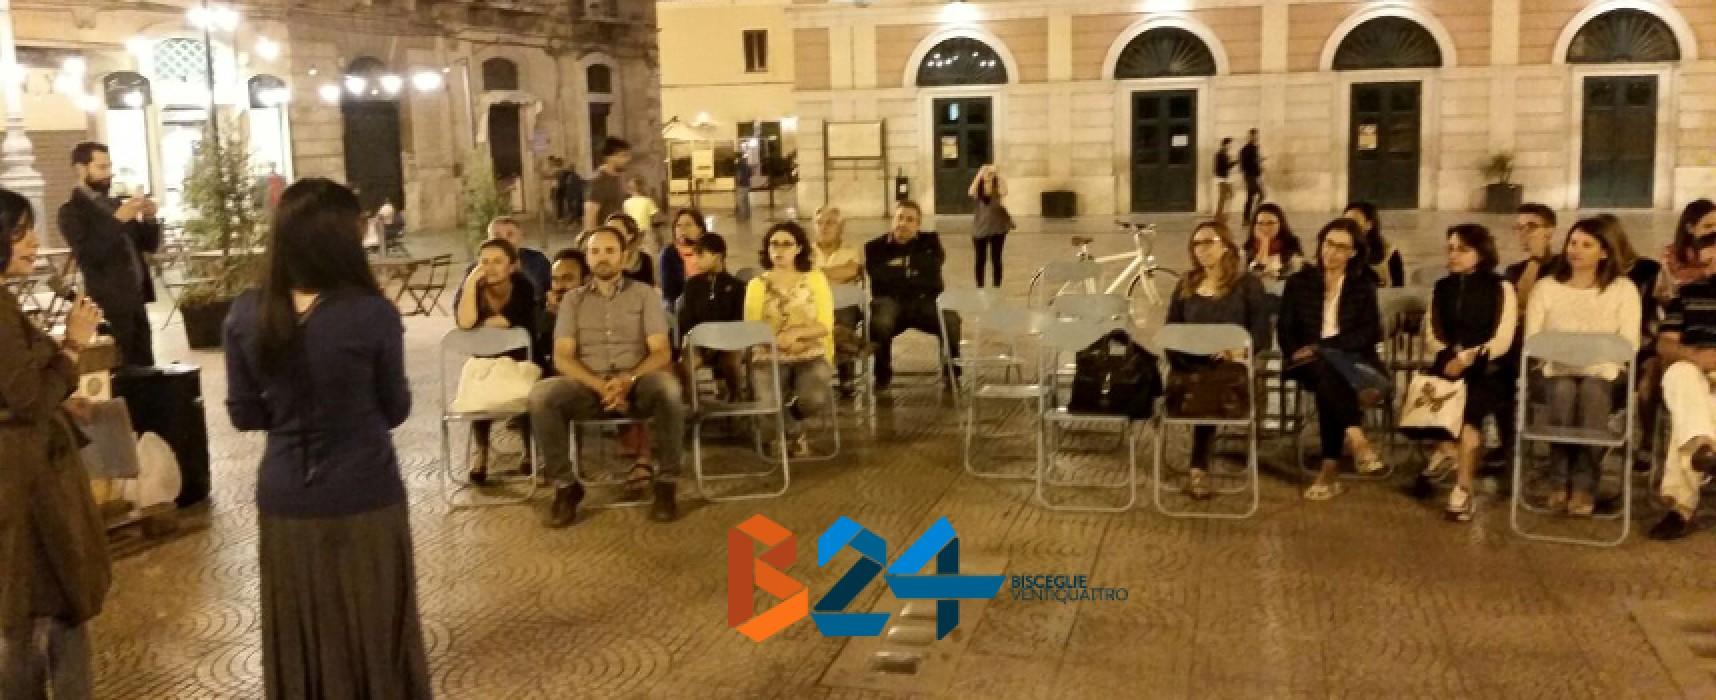 """Divertimento e cultura, il connubio vincente di """"Accendi la notte con un libro"""" in piazza Regina Margherita"""